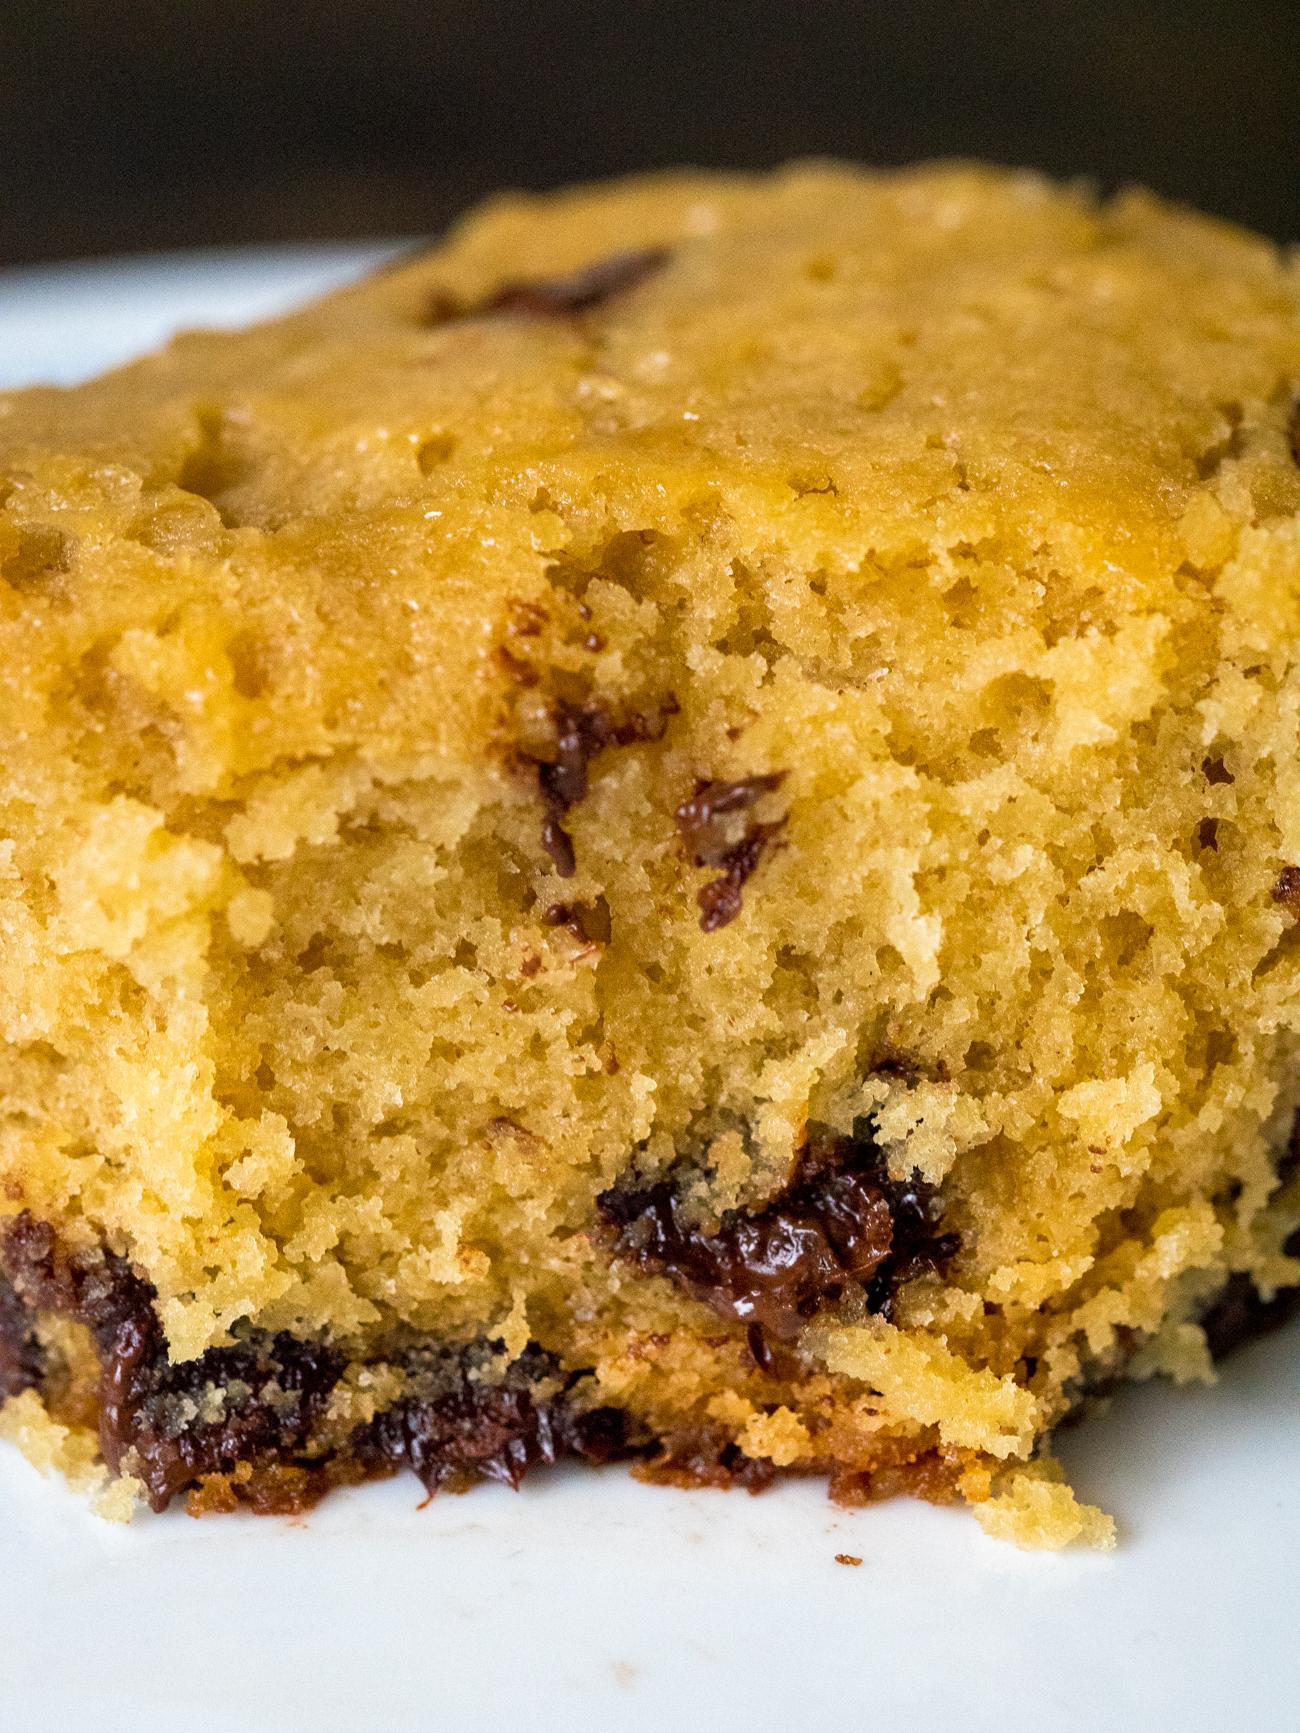 XXL Slow Cooker Cookie Vertical 4